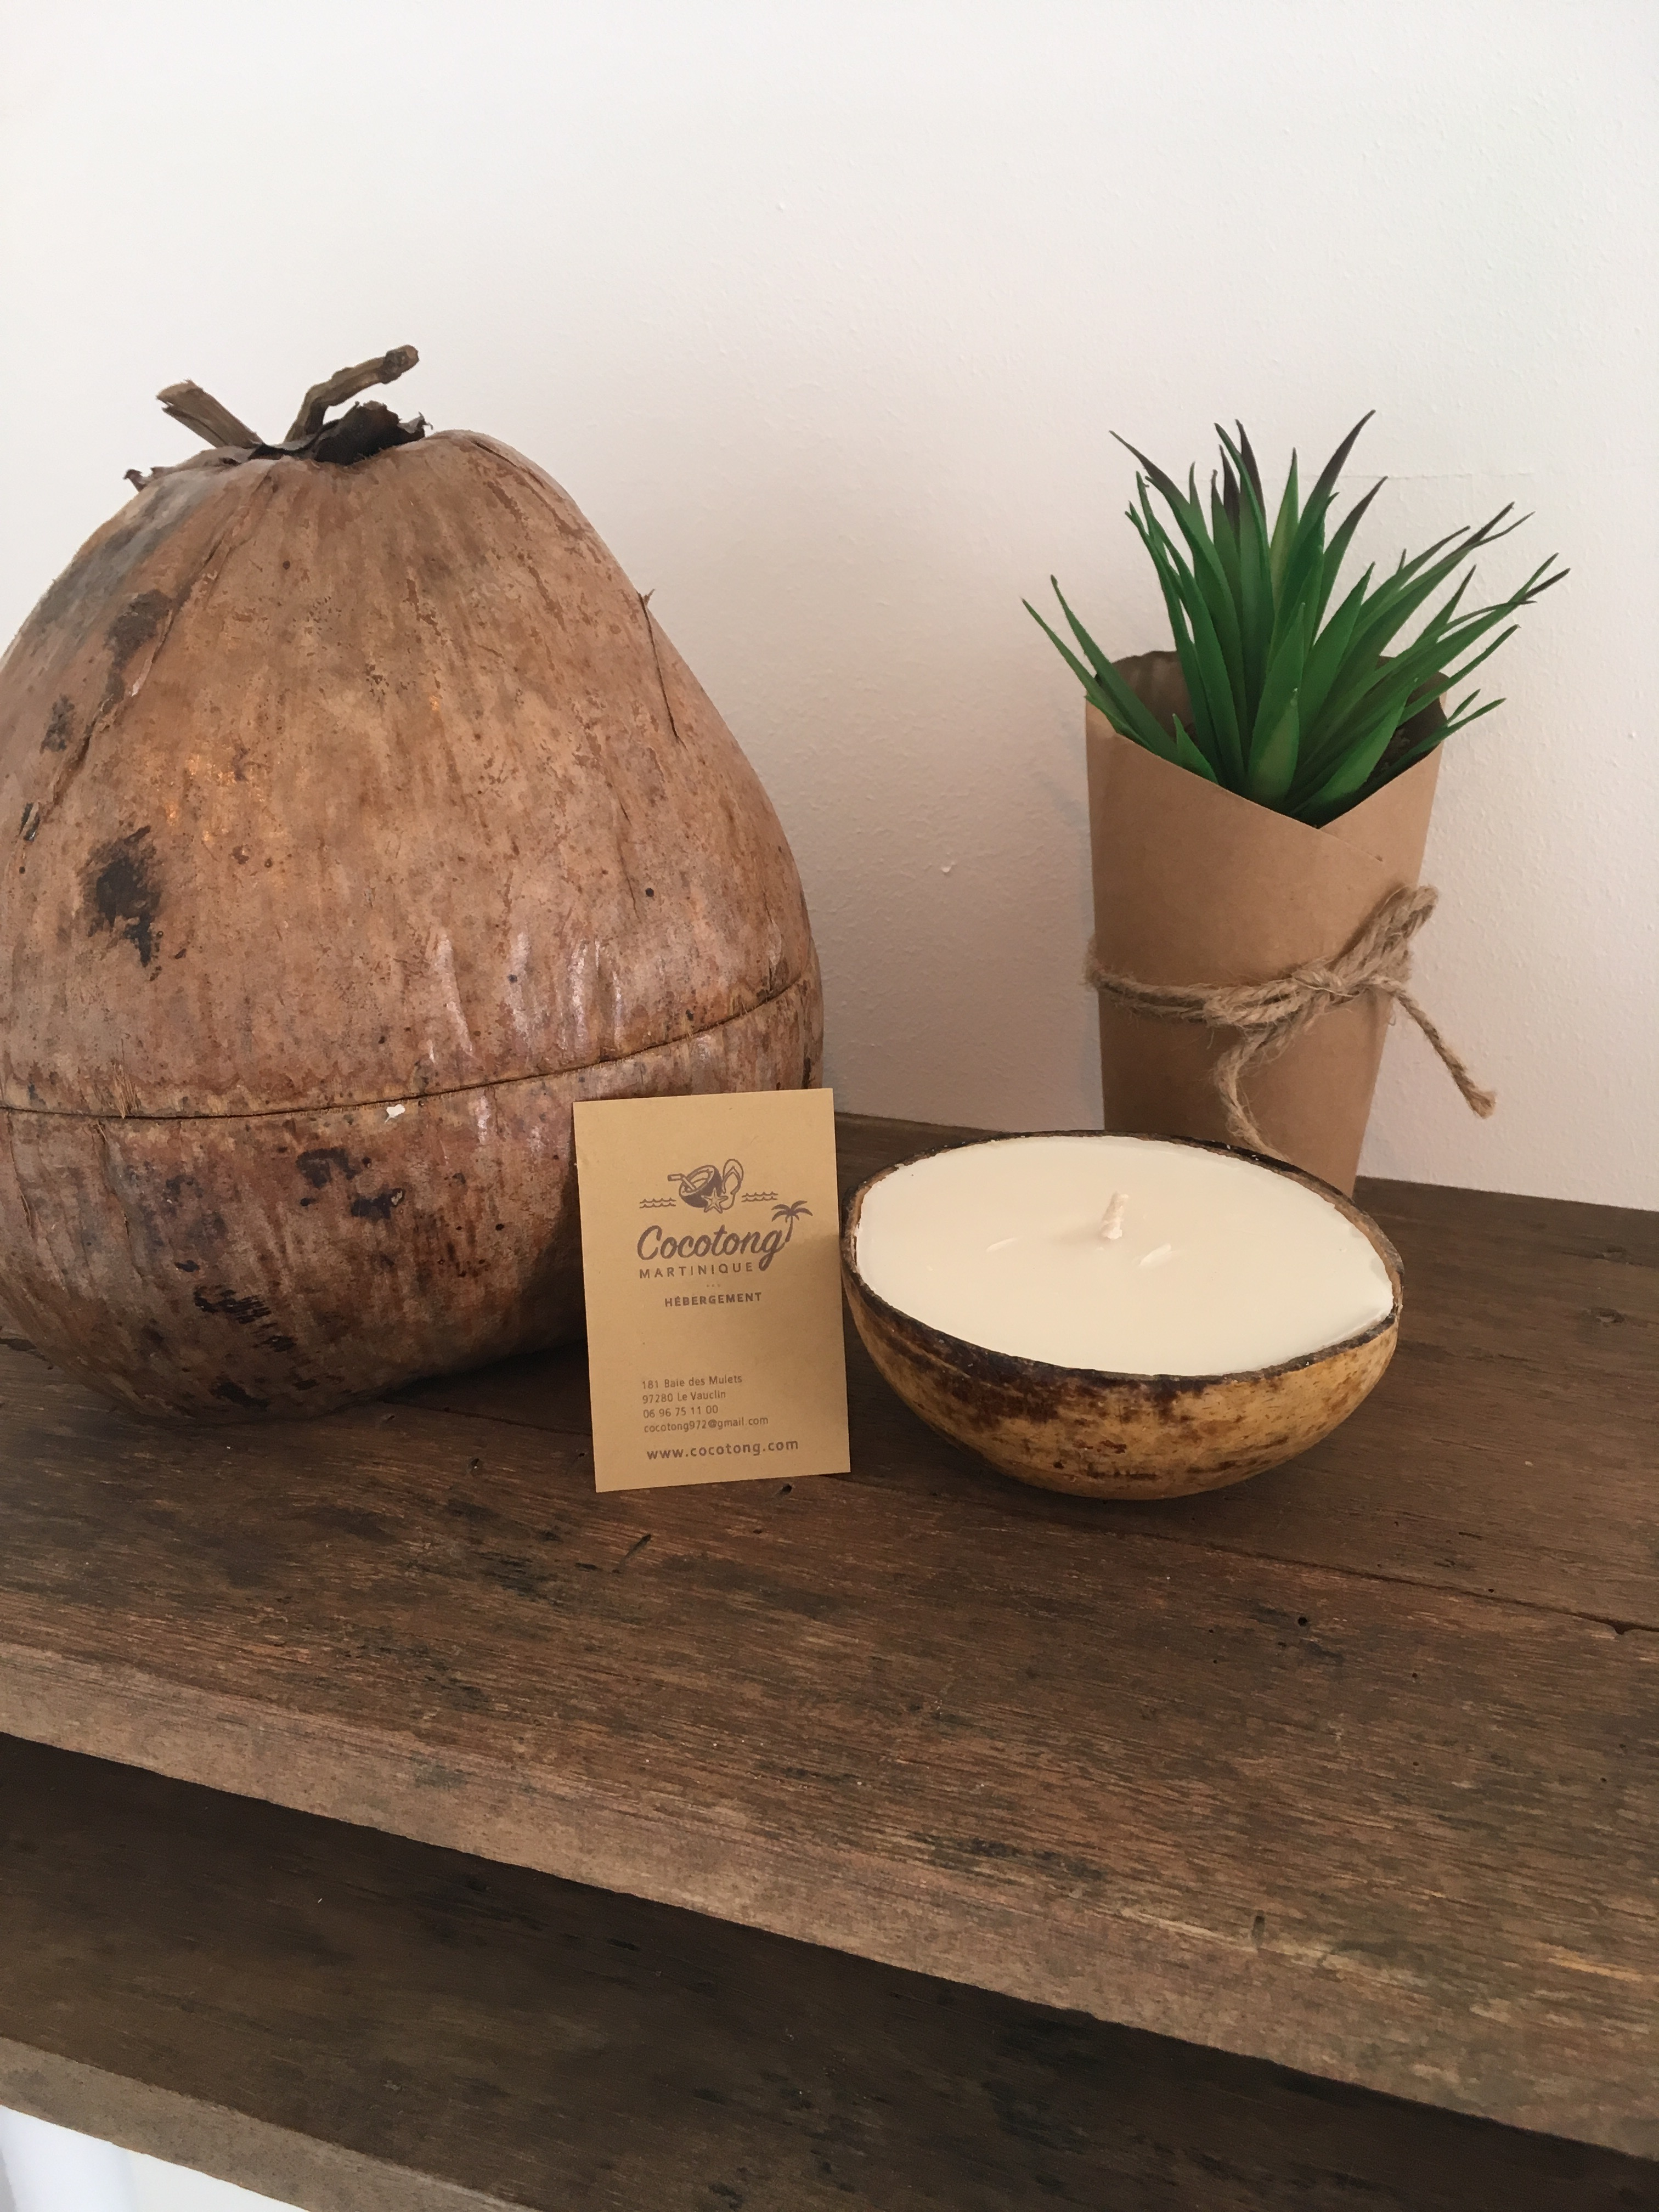 Cocotong